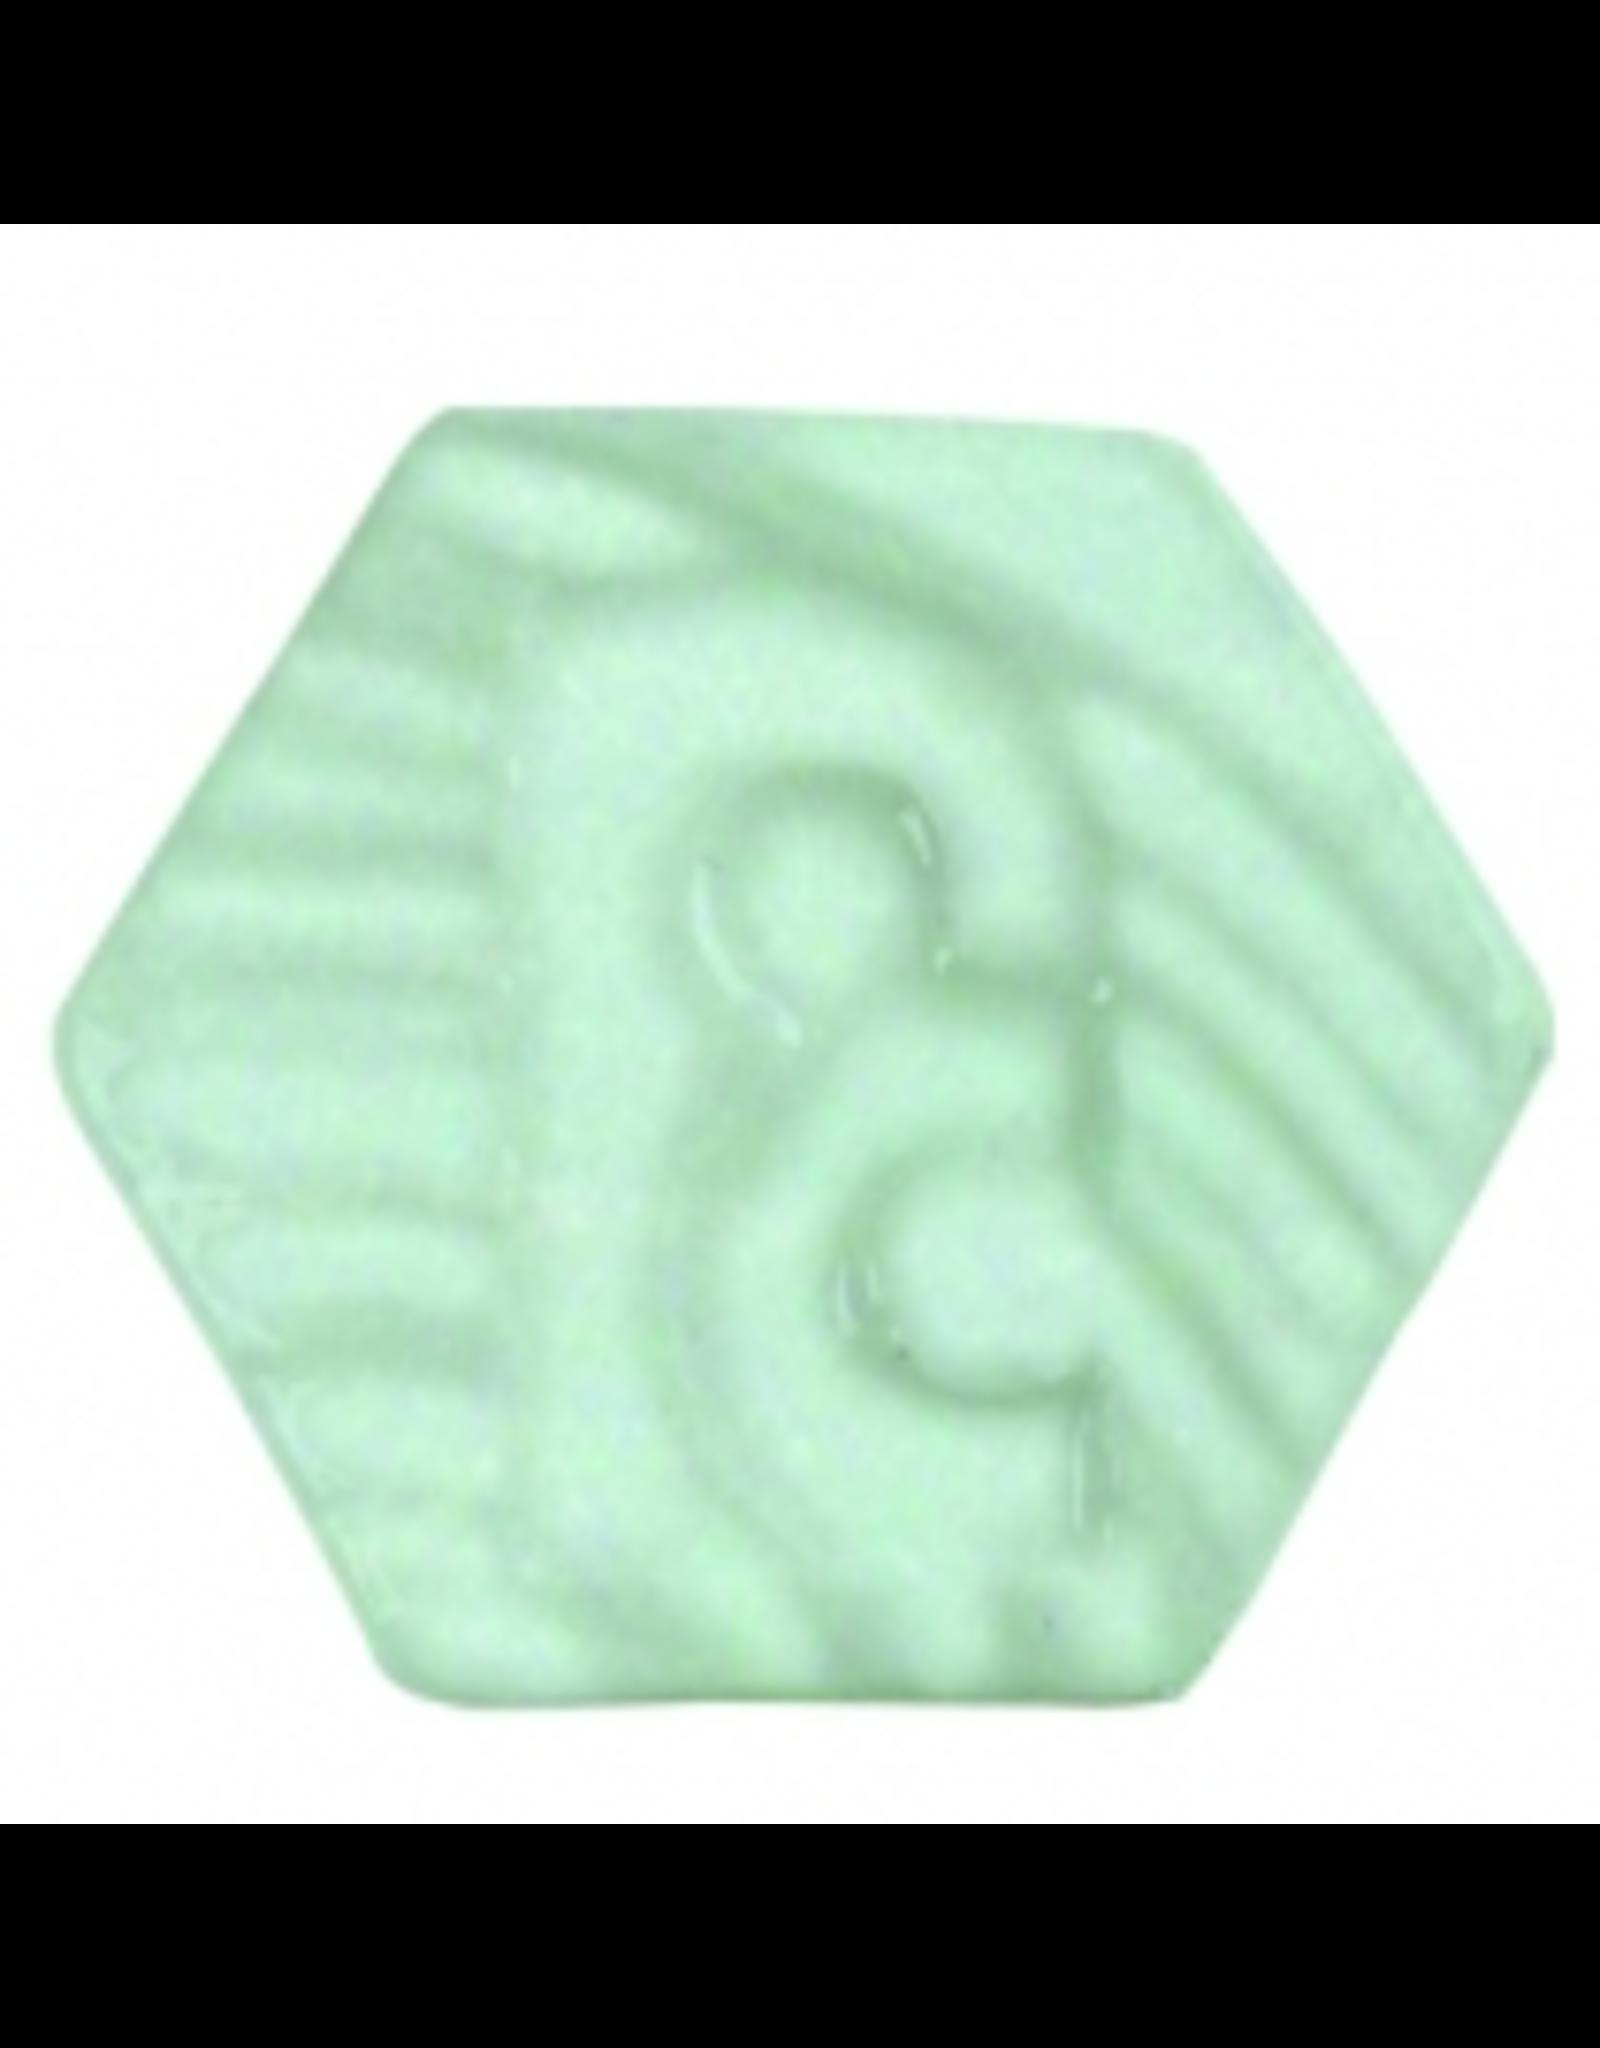 Potterycrafts White On-glaze